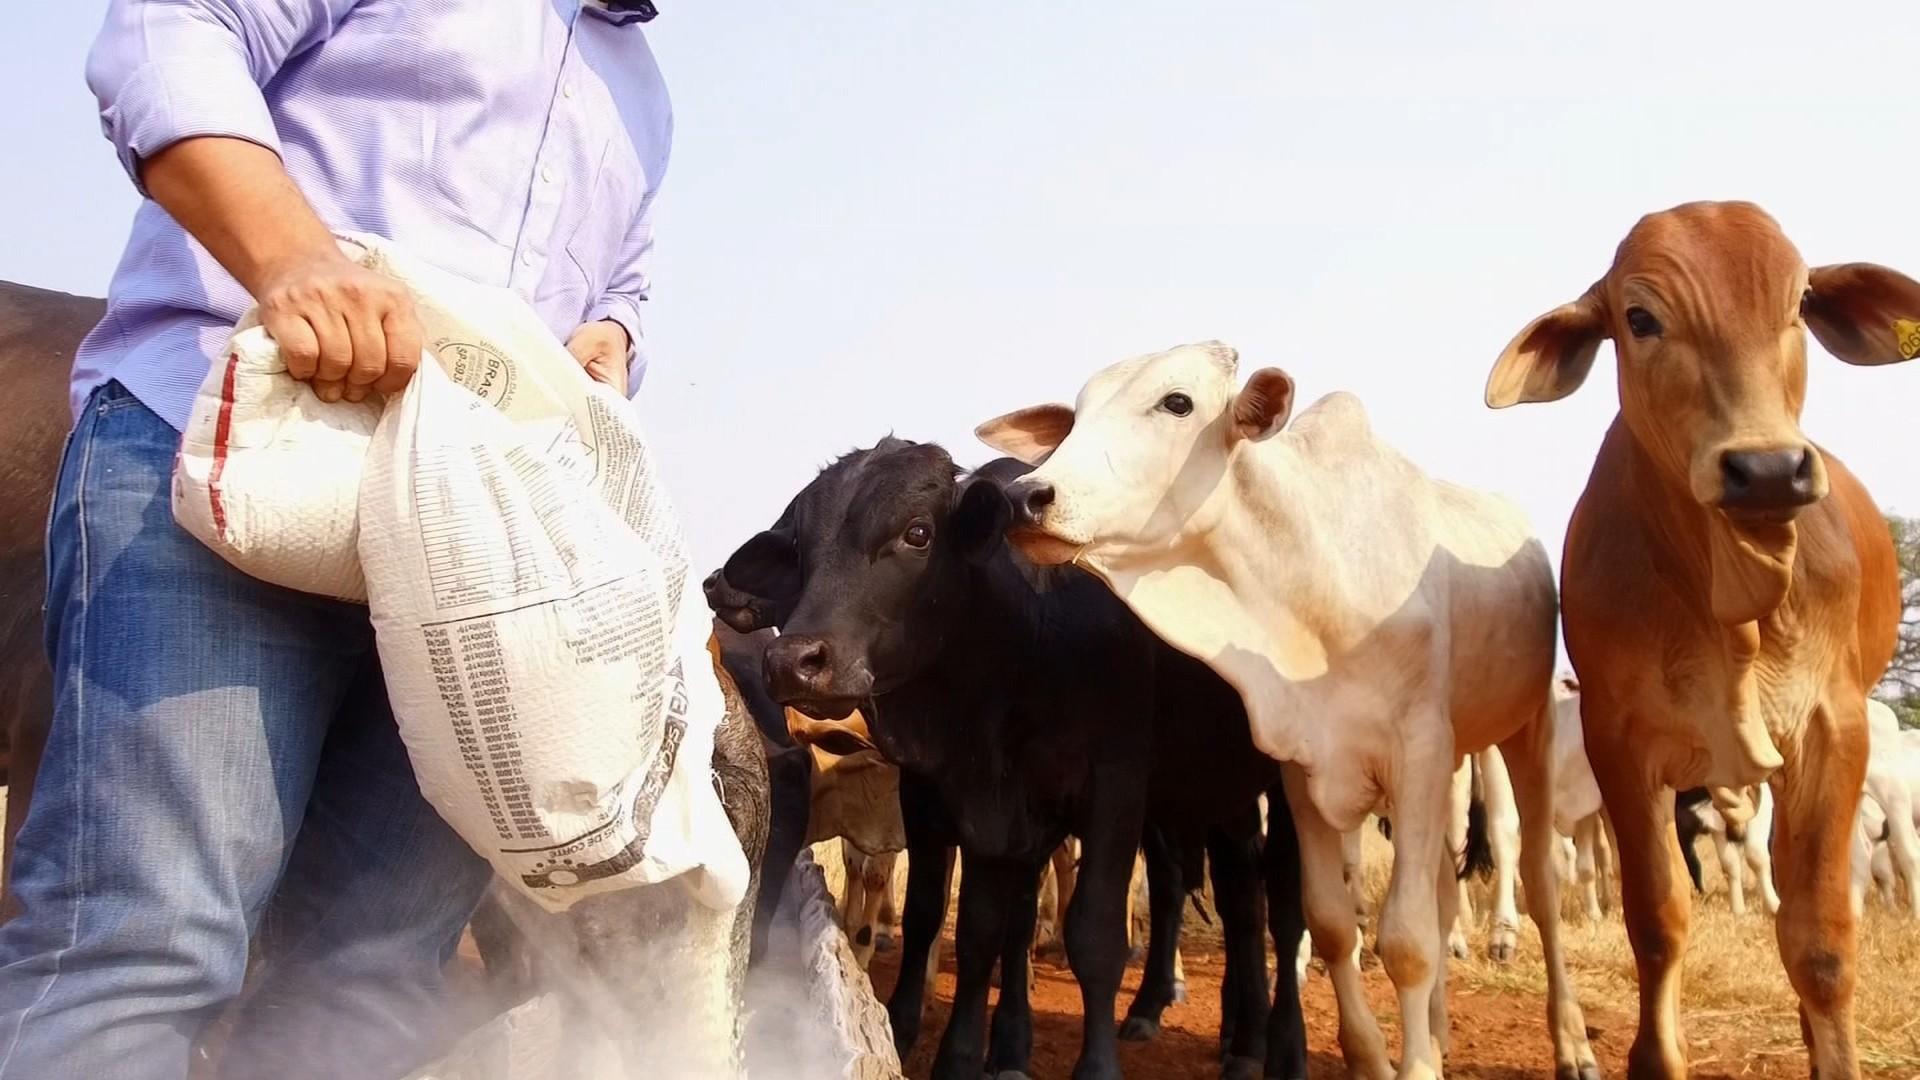 Aumento dos custos preocupa produtores rurais no interior de SP